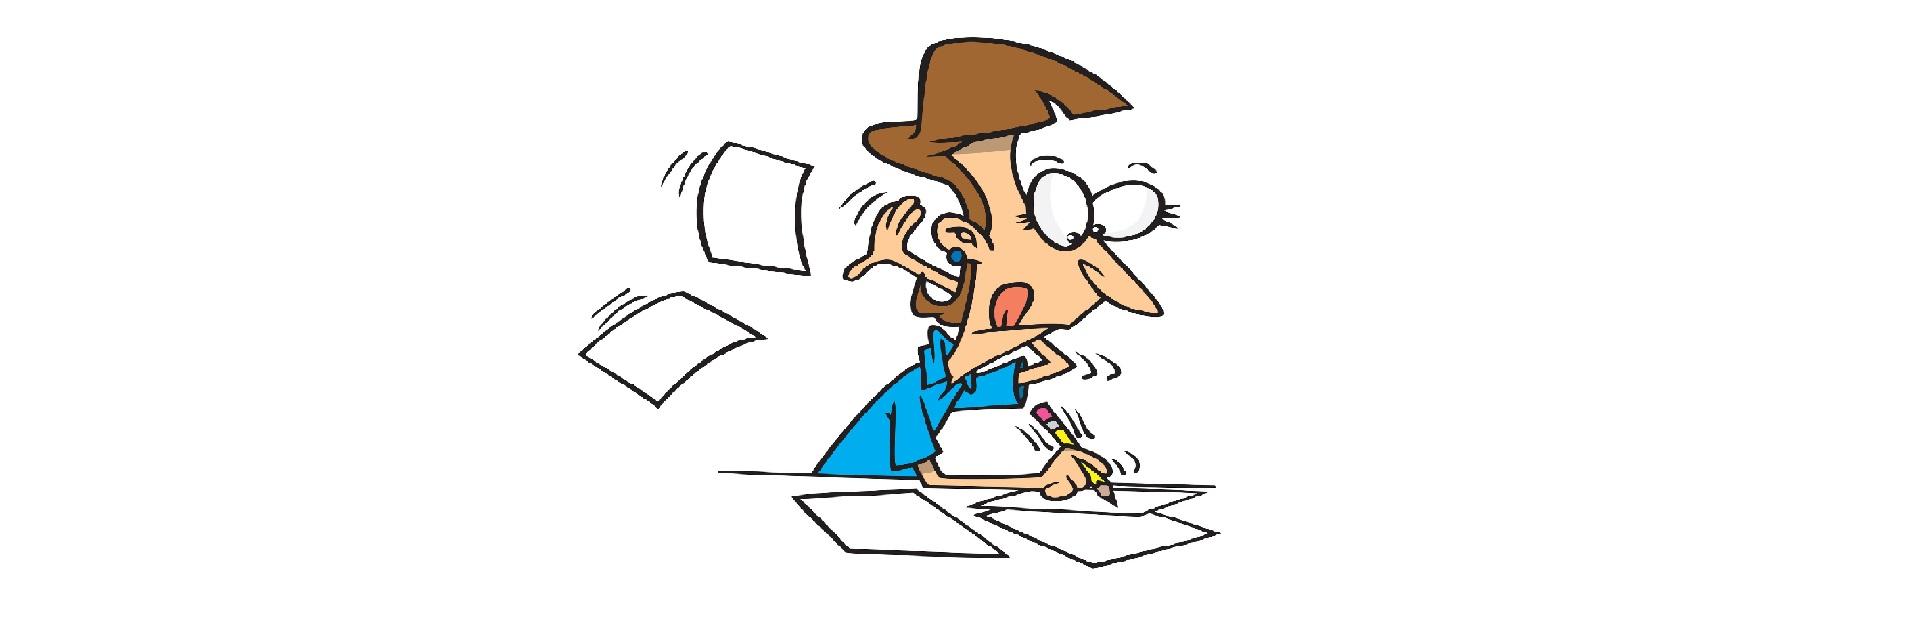 Kinh nghiệm làm bài thi đại học môn sử cho các thí sinh